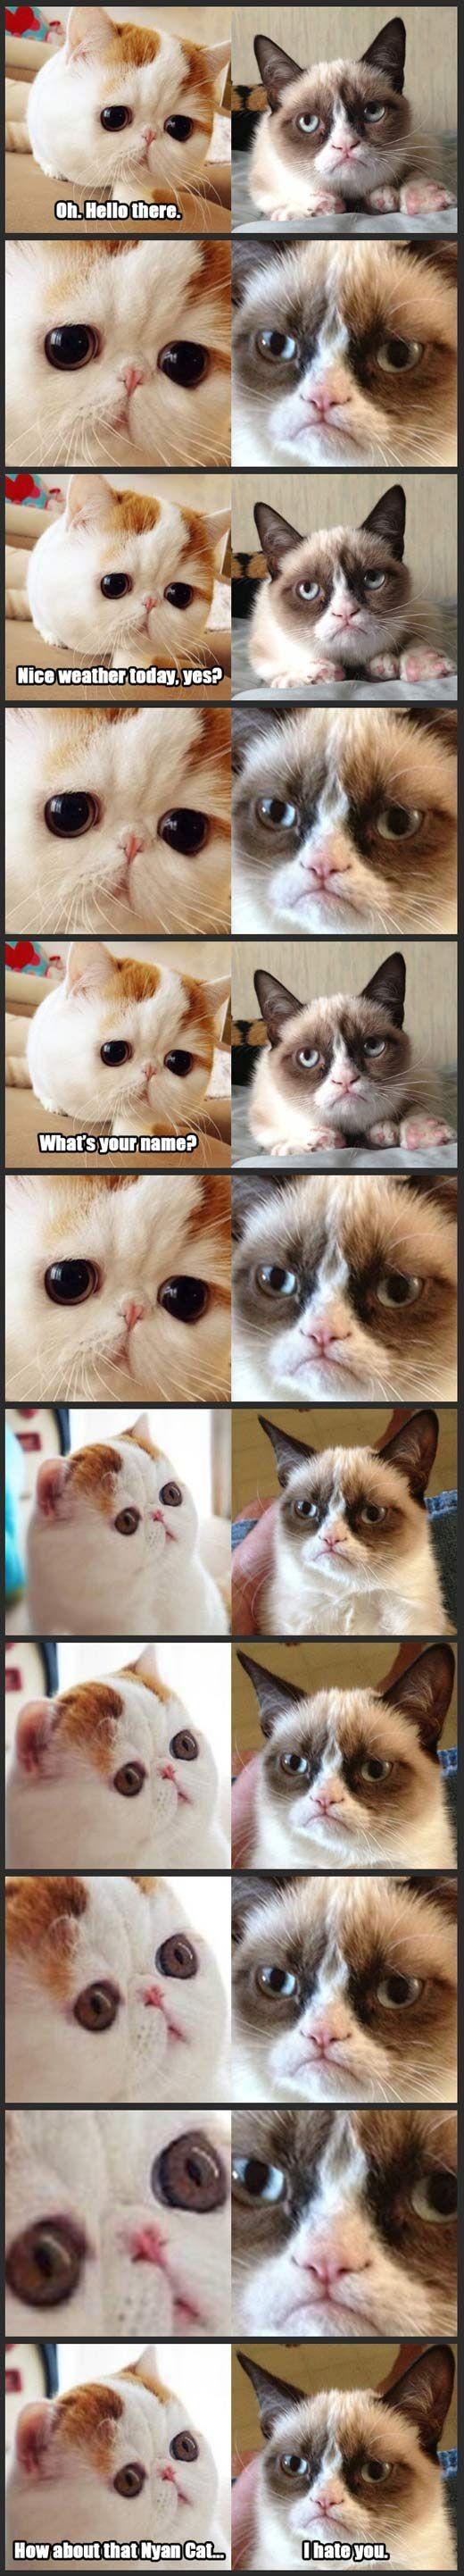 Snoopy Cat Meets Grumpy Cat…